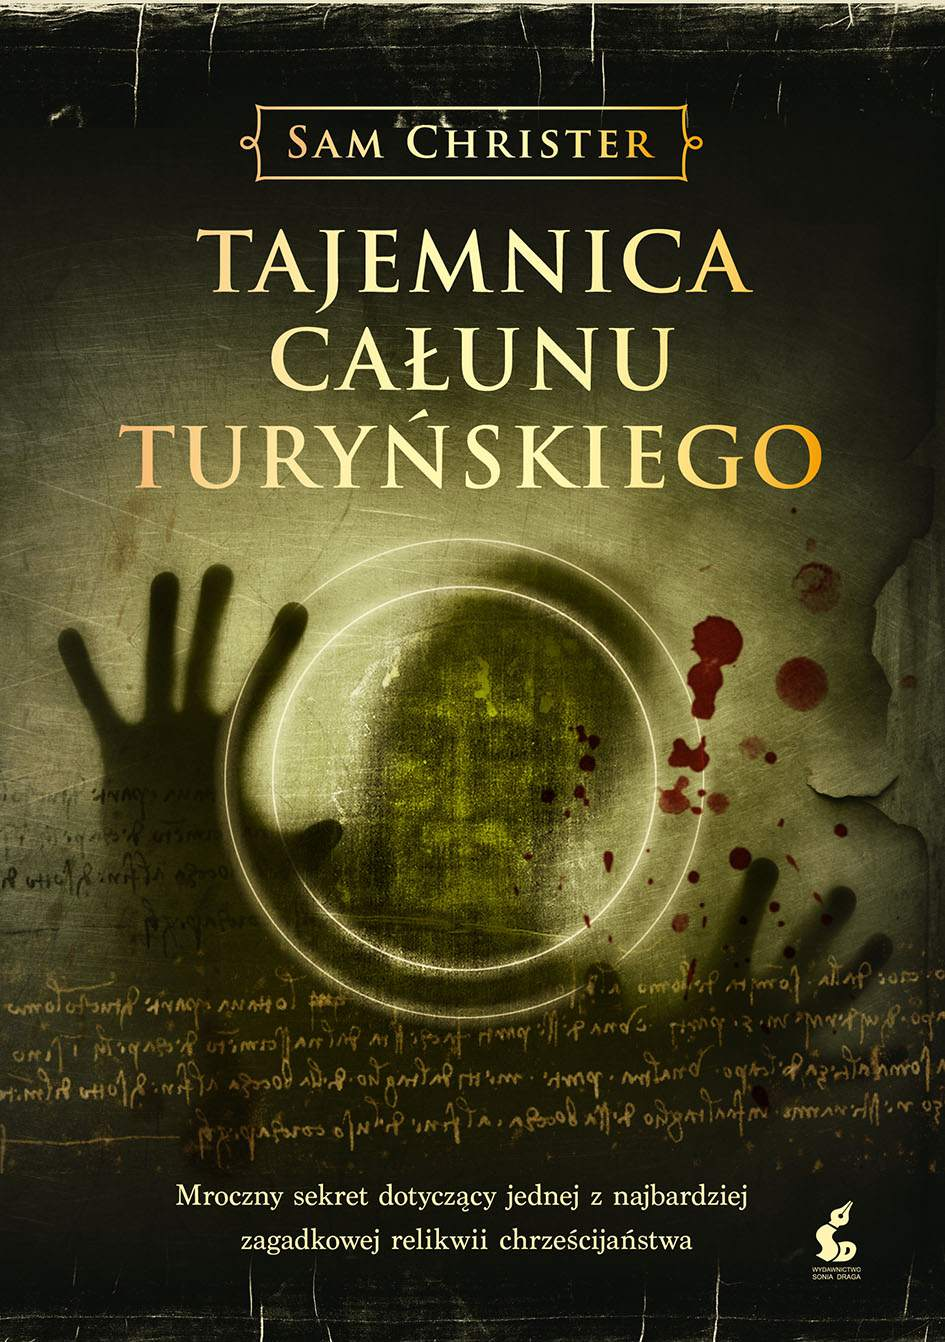 Tajemnica Całunu Turyńskiego - Ebook (Książka EPUB) do pobrania w formacie EPUB